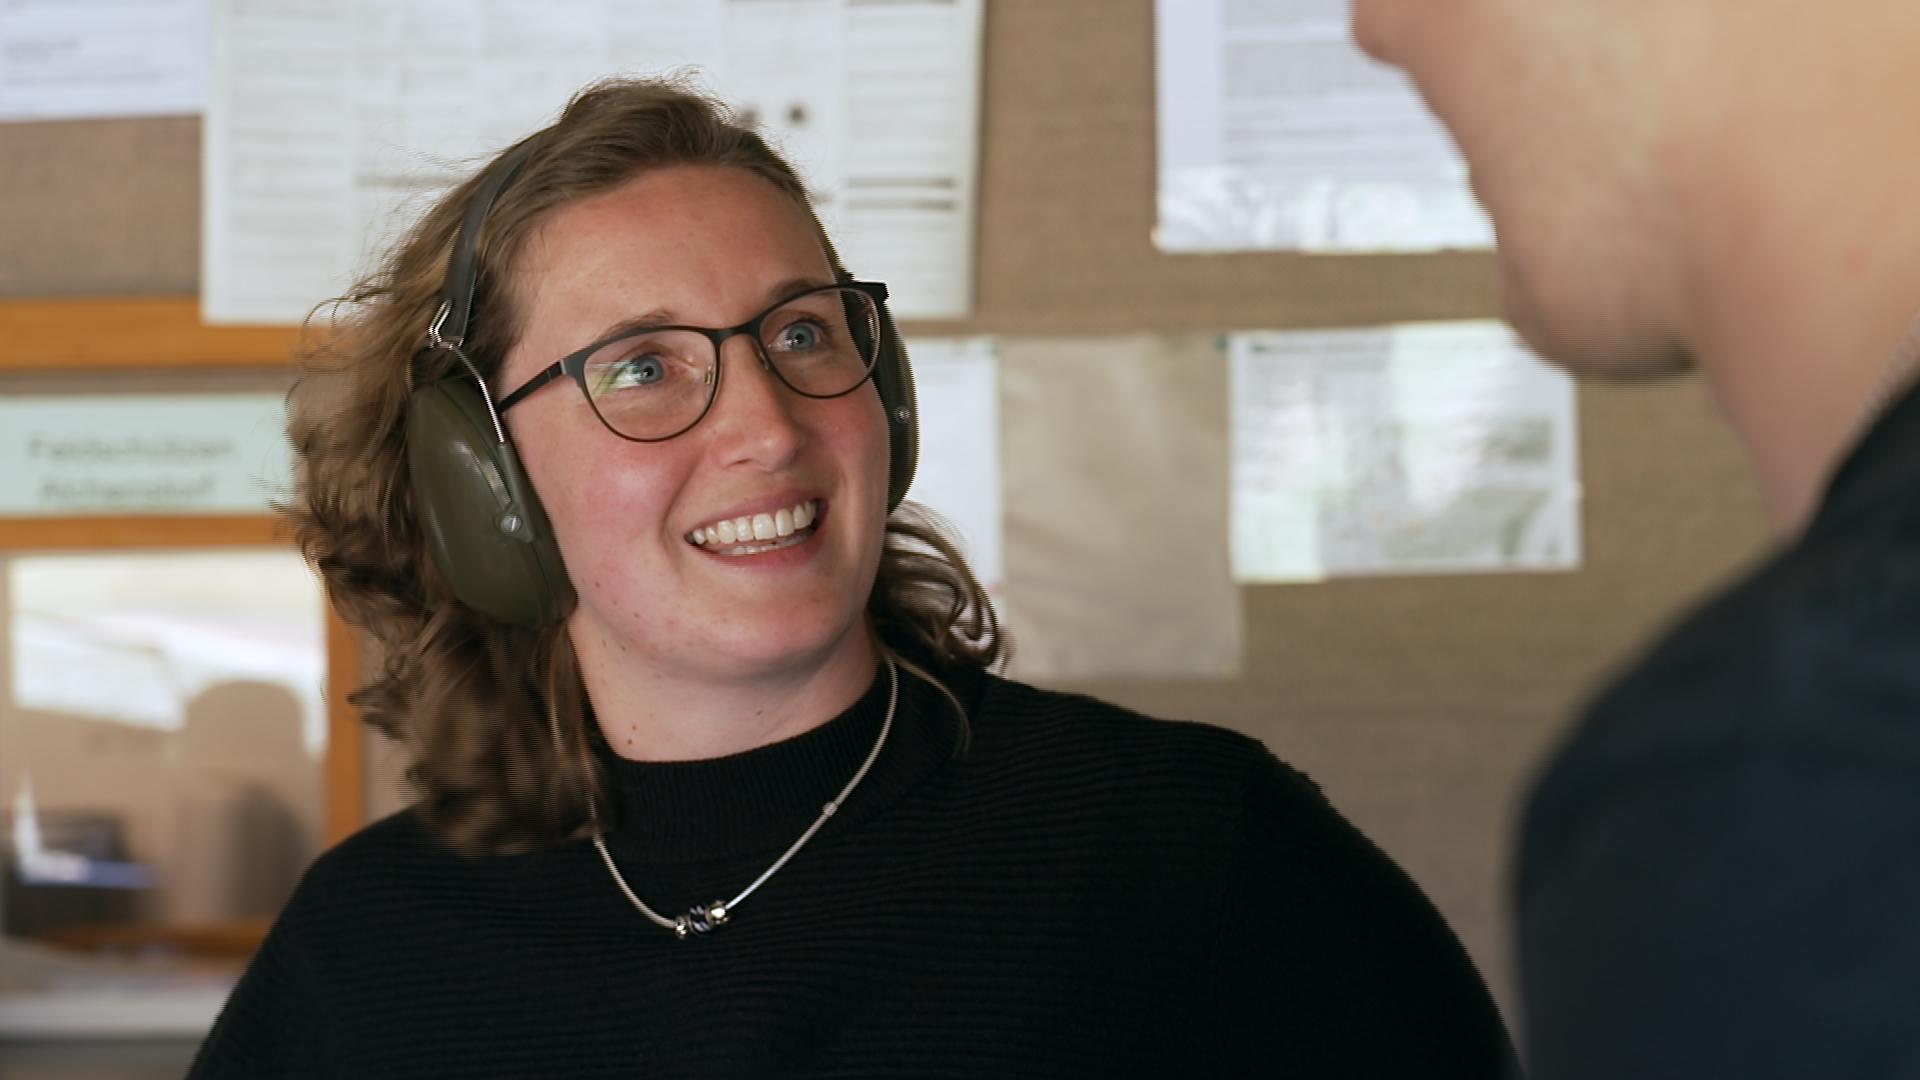 Rebekka Schweizer im Schiessstand mit Gehörschutz